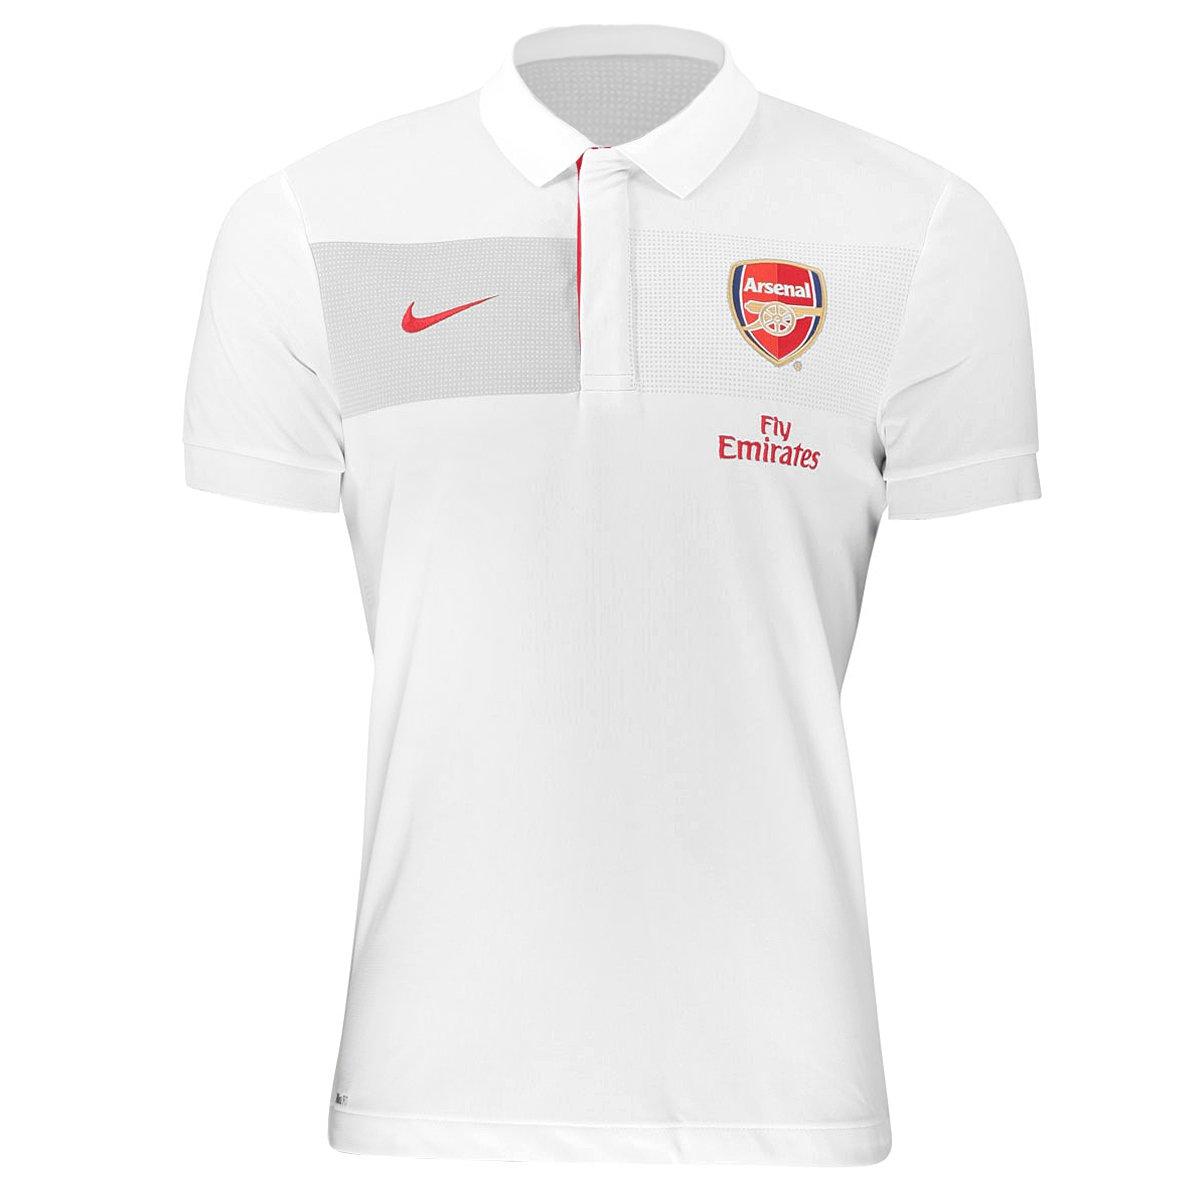 Camisa Polo Nike Arsenal Viagem - Compre Agora  6dde3534b7c1f